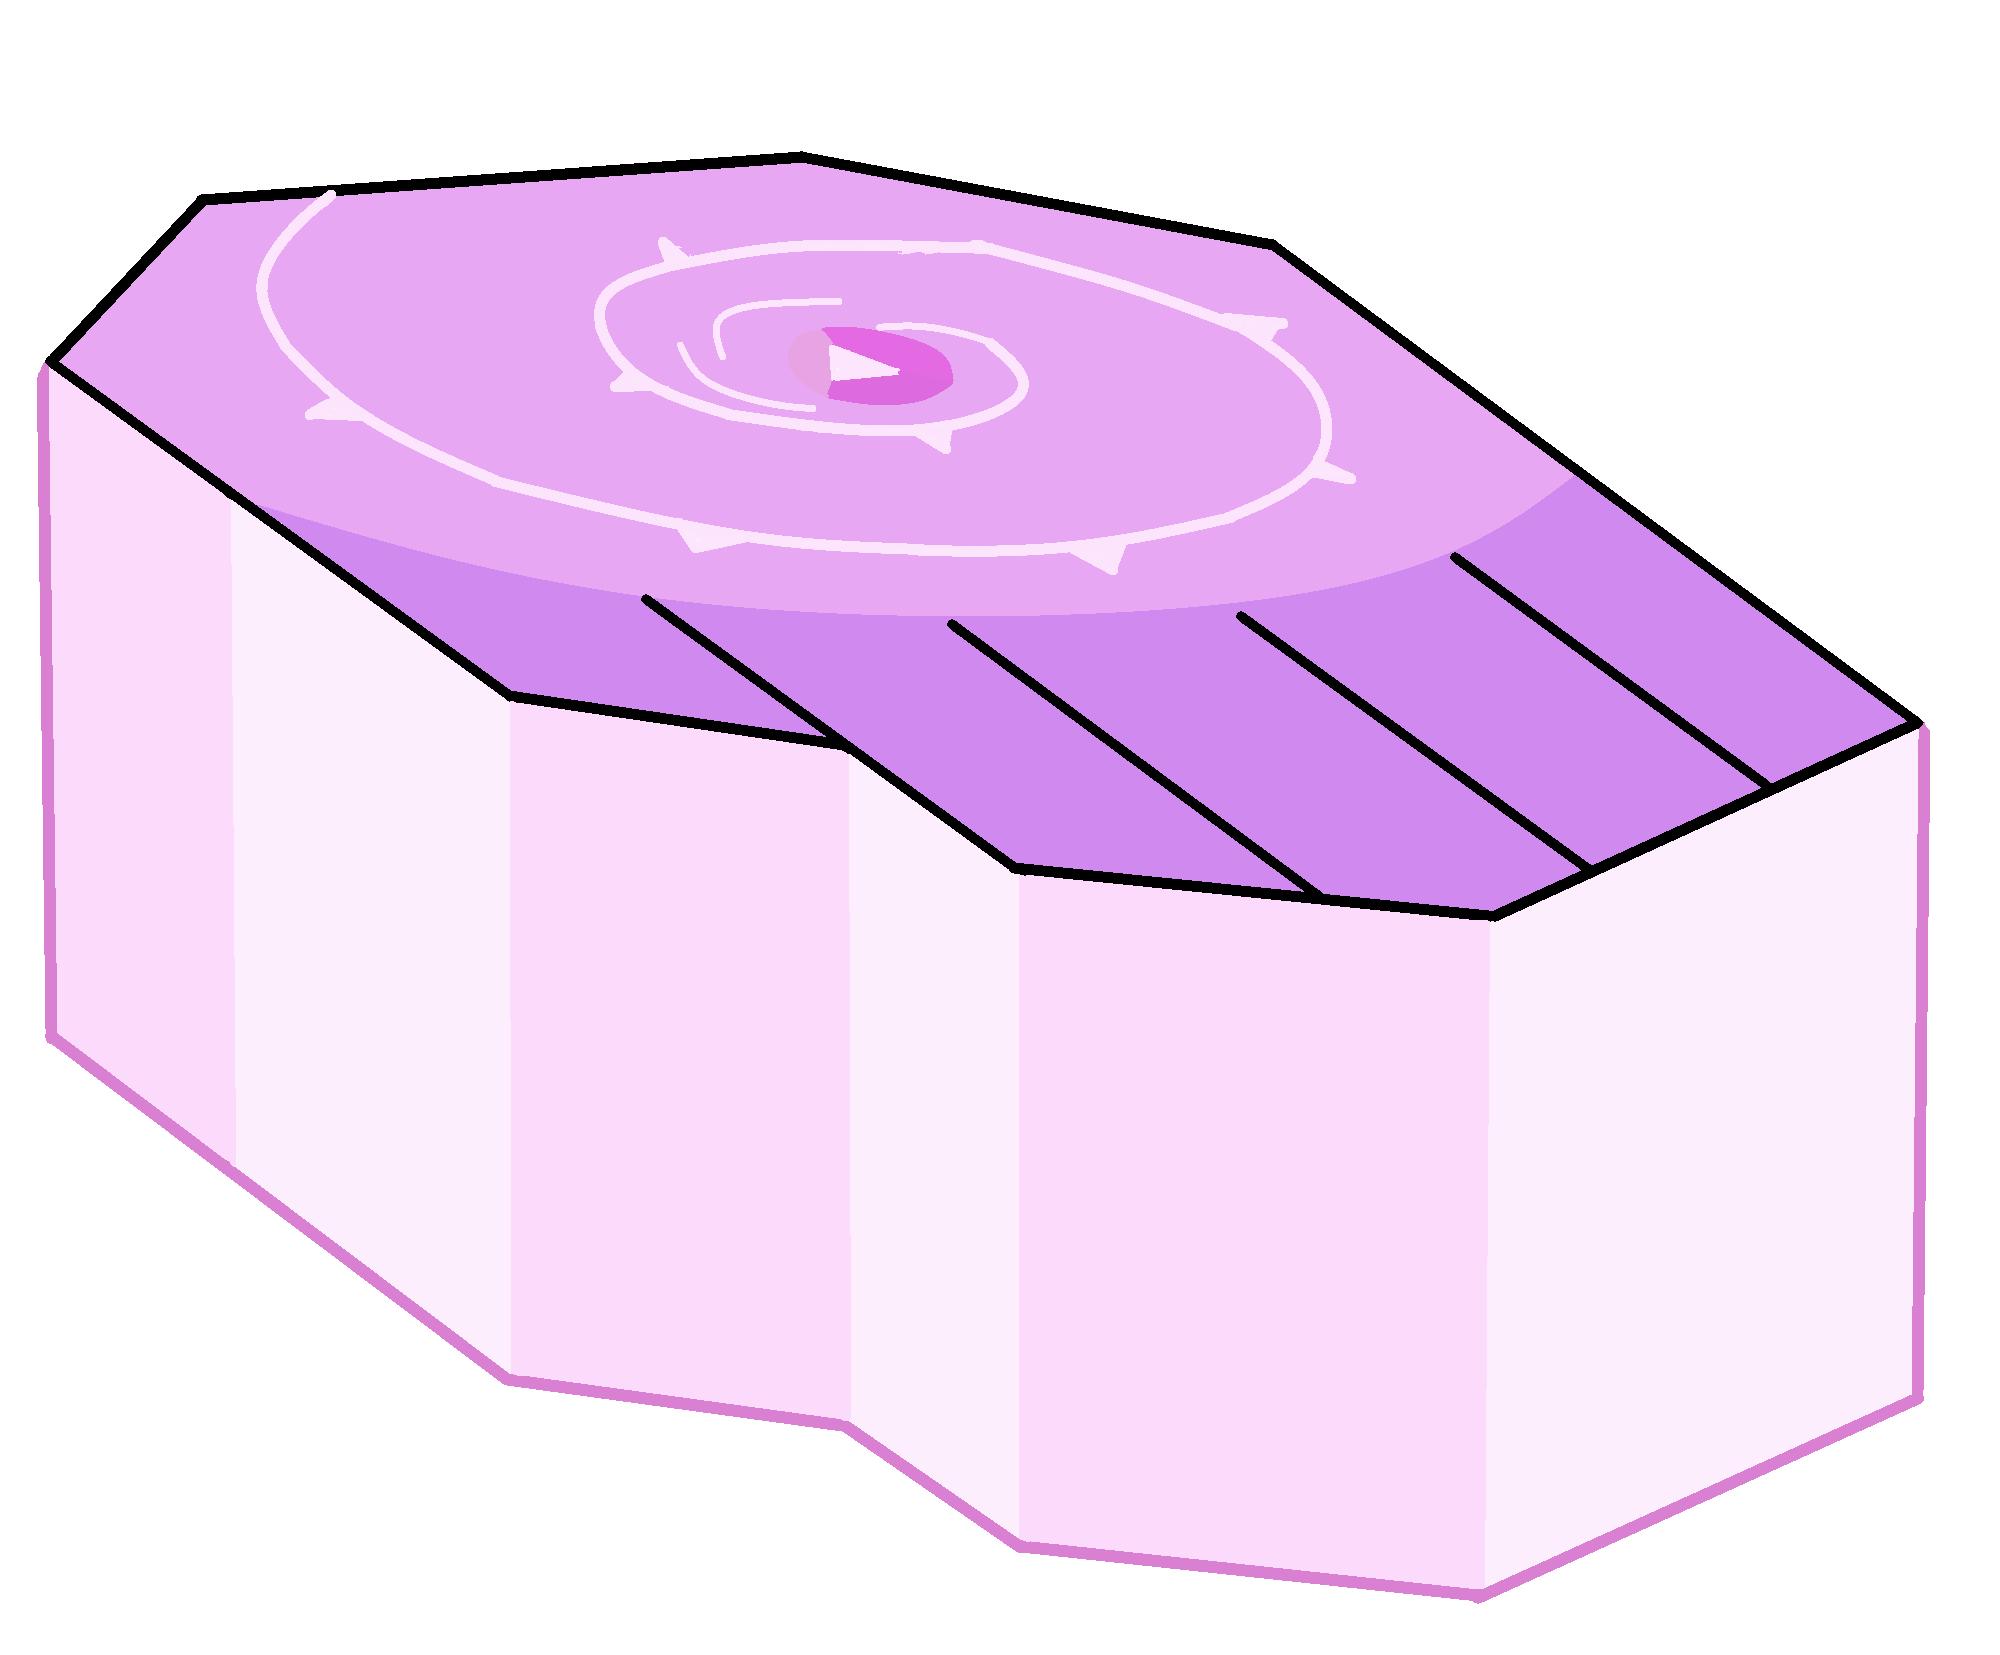 Pedestals steven universe wiki. Gem clipart rectangle